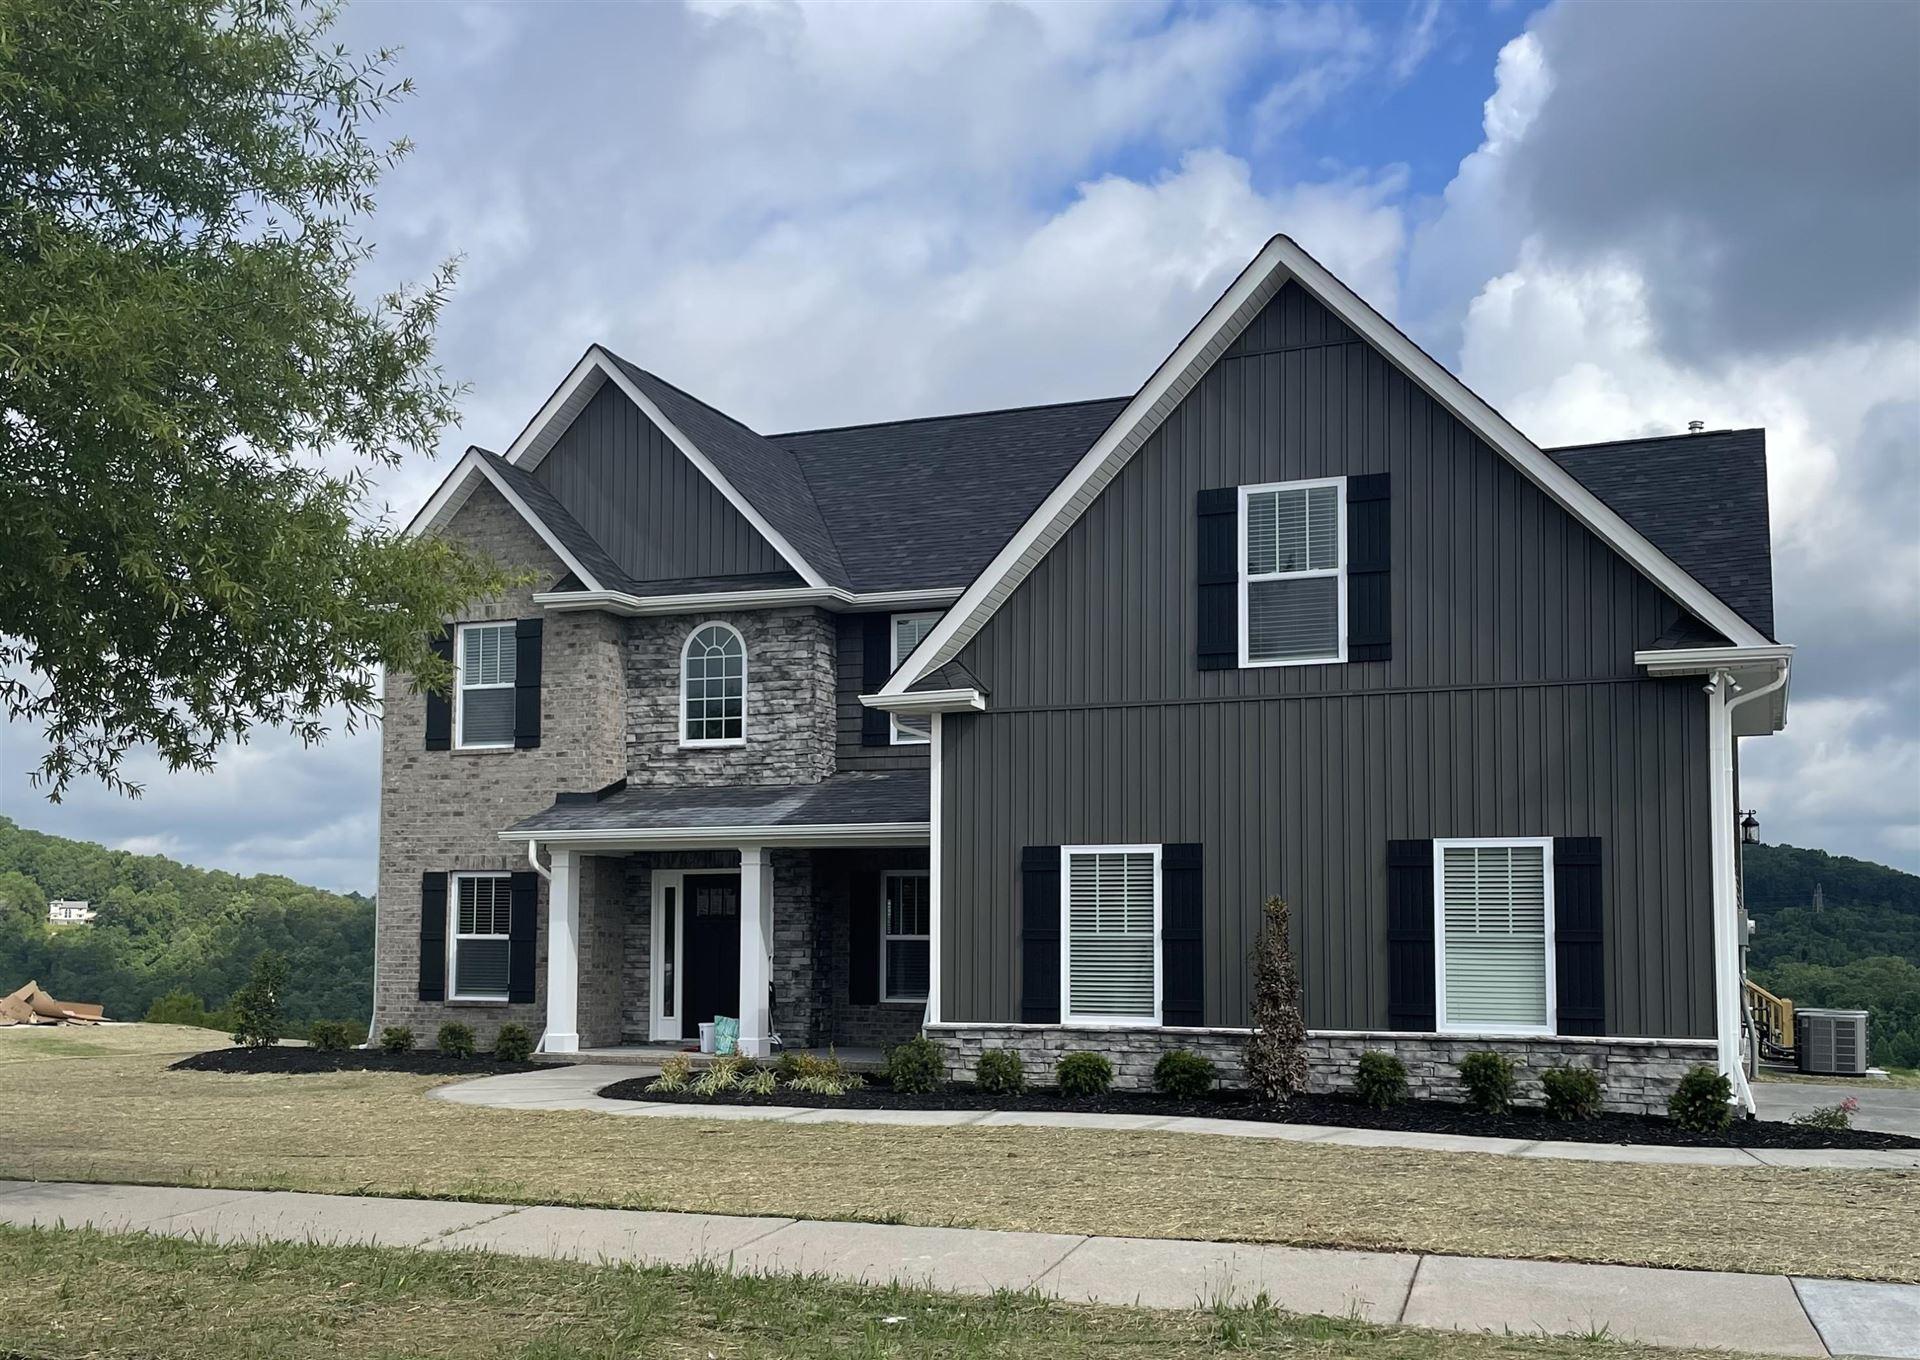 Photo of 115 Sweetberry St #Lot 379, Oak Ridge, TN 37830 (MLS # 1139981)